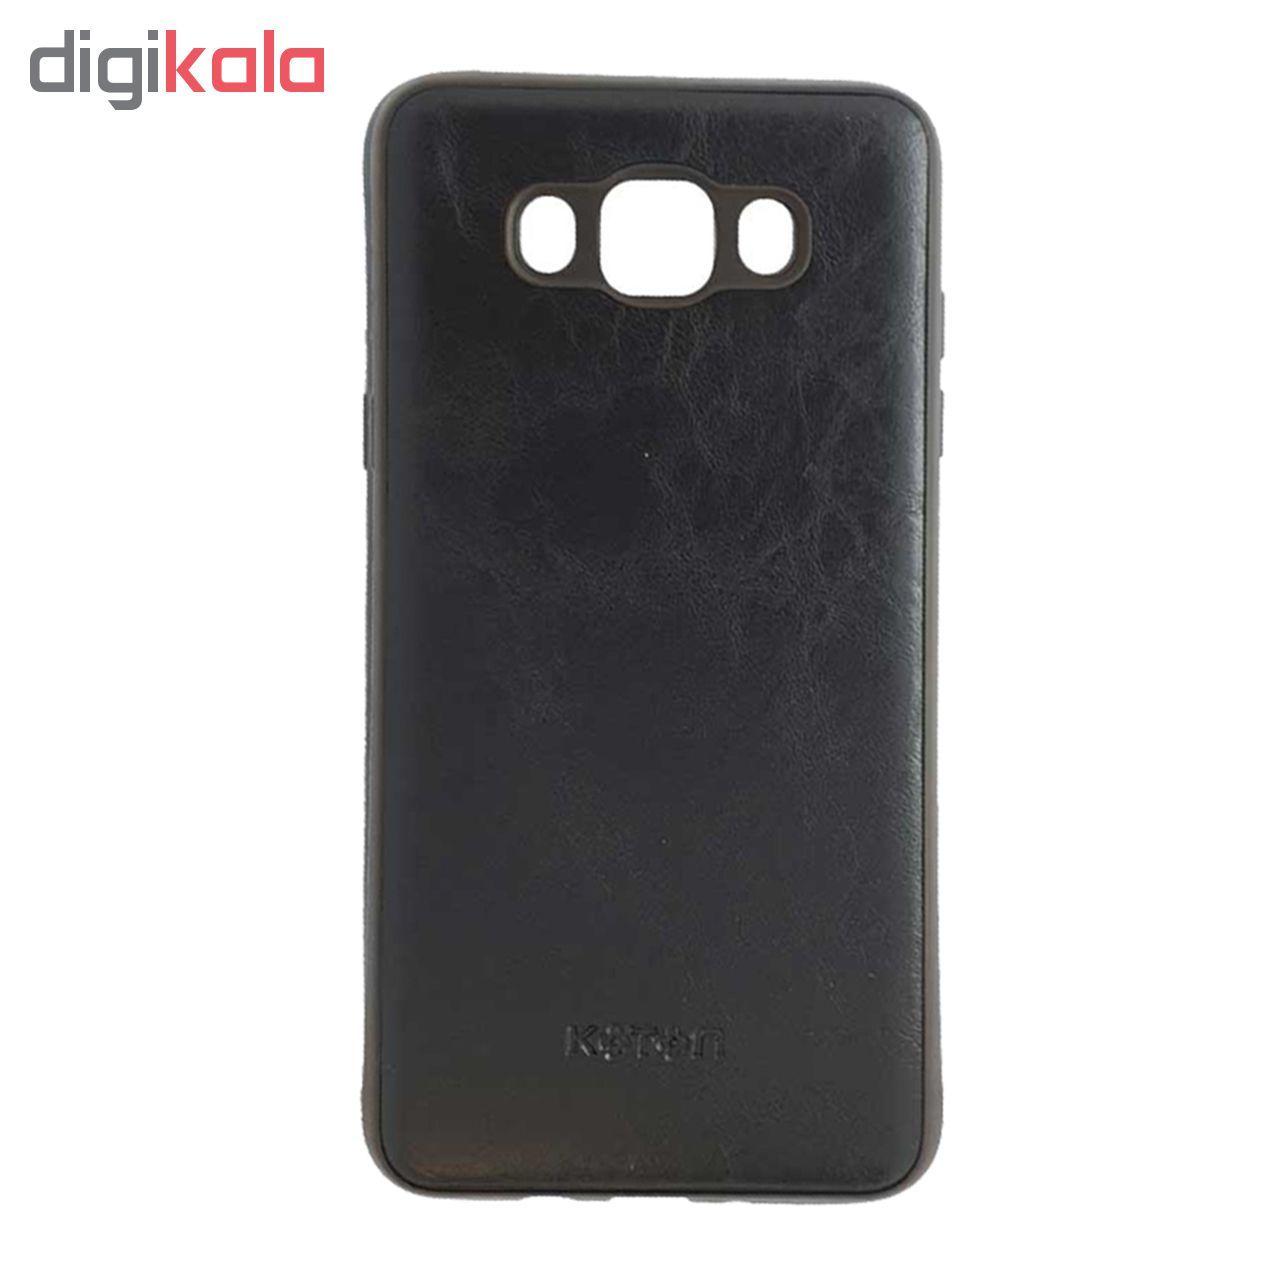 کاور ایبیزا  مدل K-25 مناسب برای گوشی موبایل سامسونگ Galaxy J7 Core main 1 1